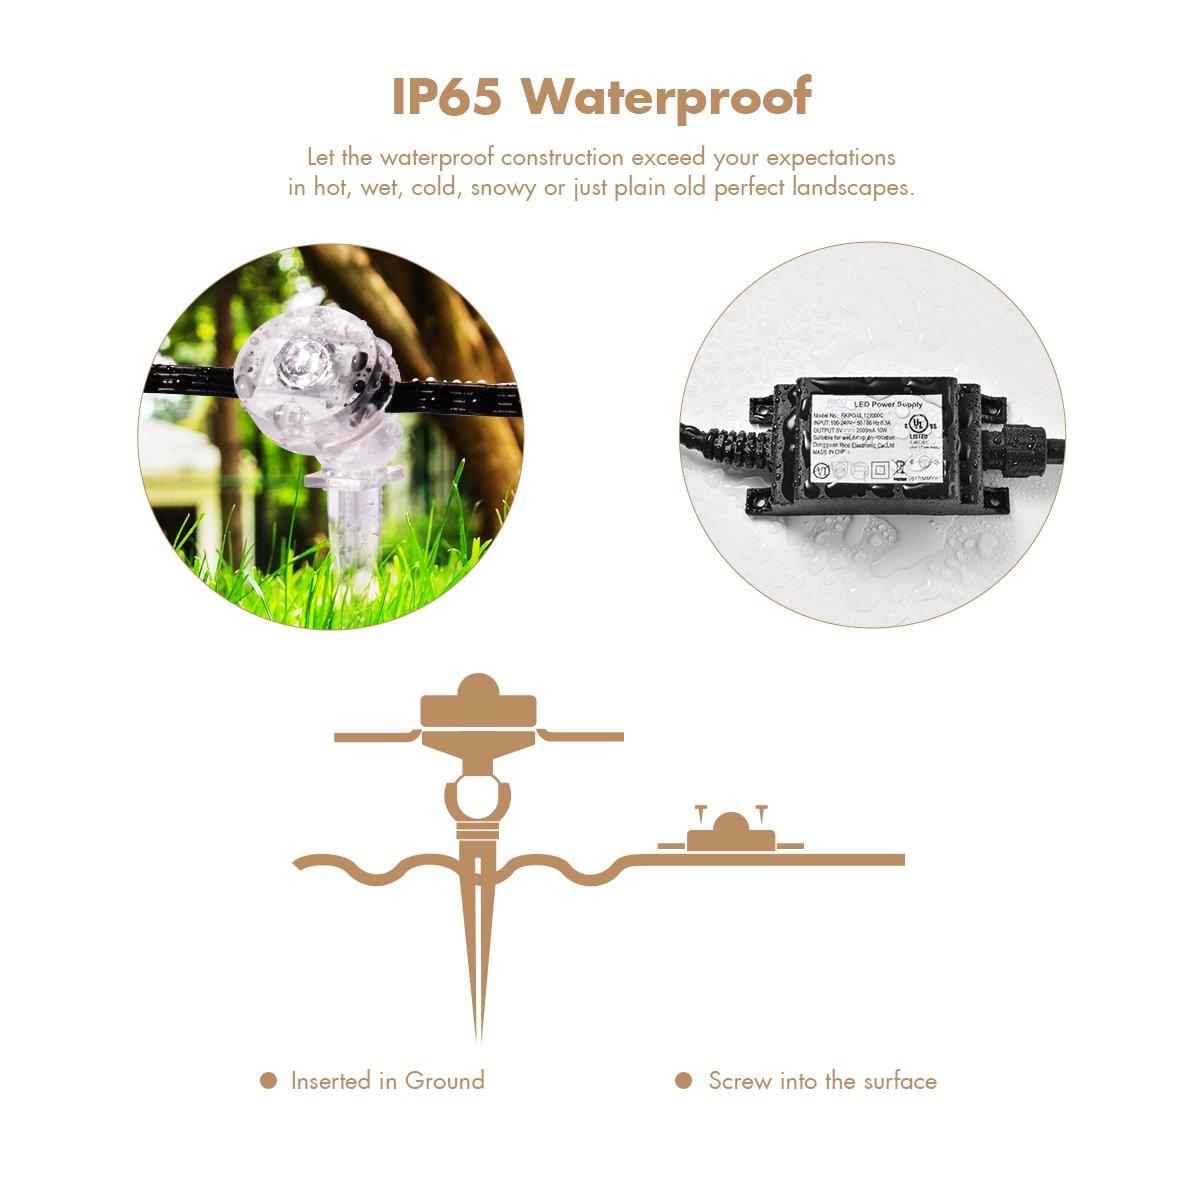 Sunix Spotlichter Für Outdoor, IP65 Wasserdichter LED  Außenbeleuchtungssatz, RGB Farbwechsel Mit 9 Spotleuchten, DC5V 2A Netzteil  ...